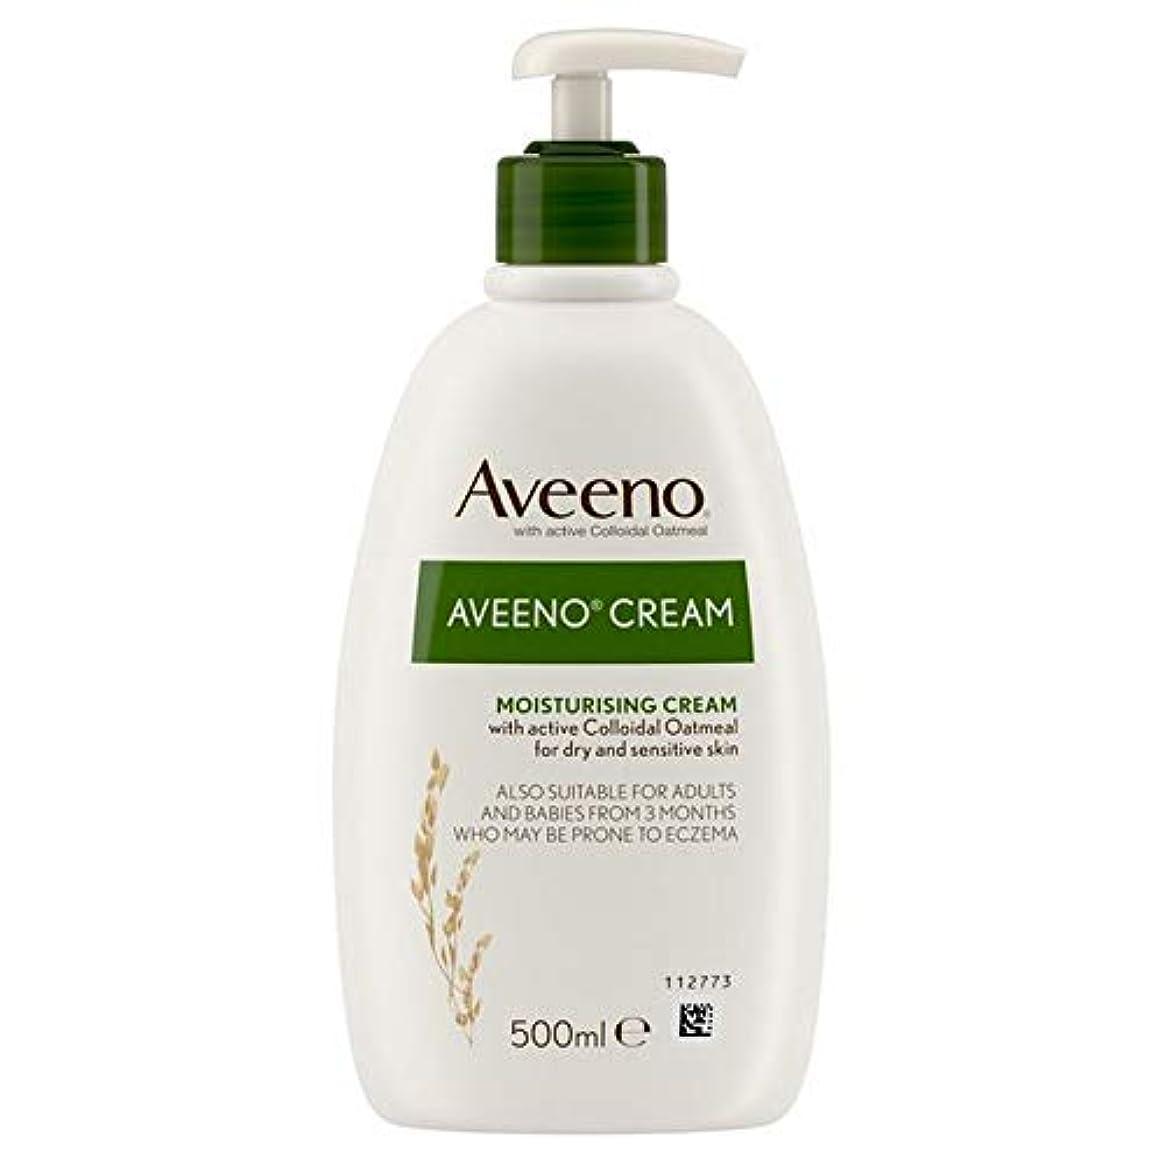 アルファベット絞る貸し手[Aveeno] Aveenoクリーム500ミリリットル - Aveeno Cream 500ml [並行輸入品]